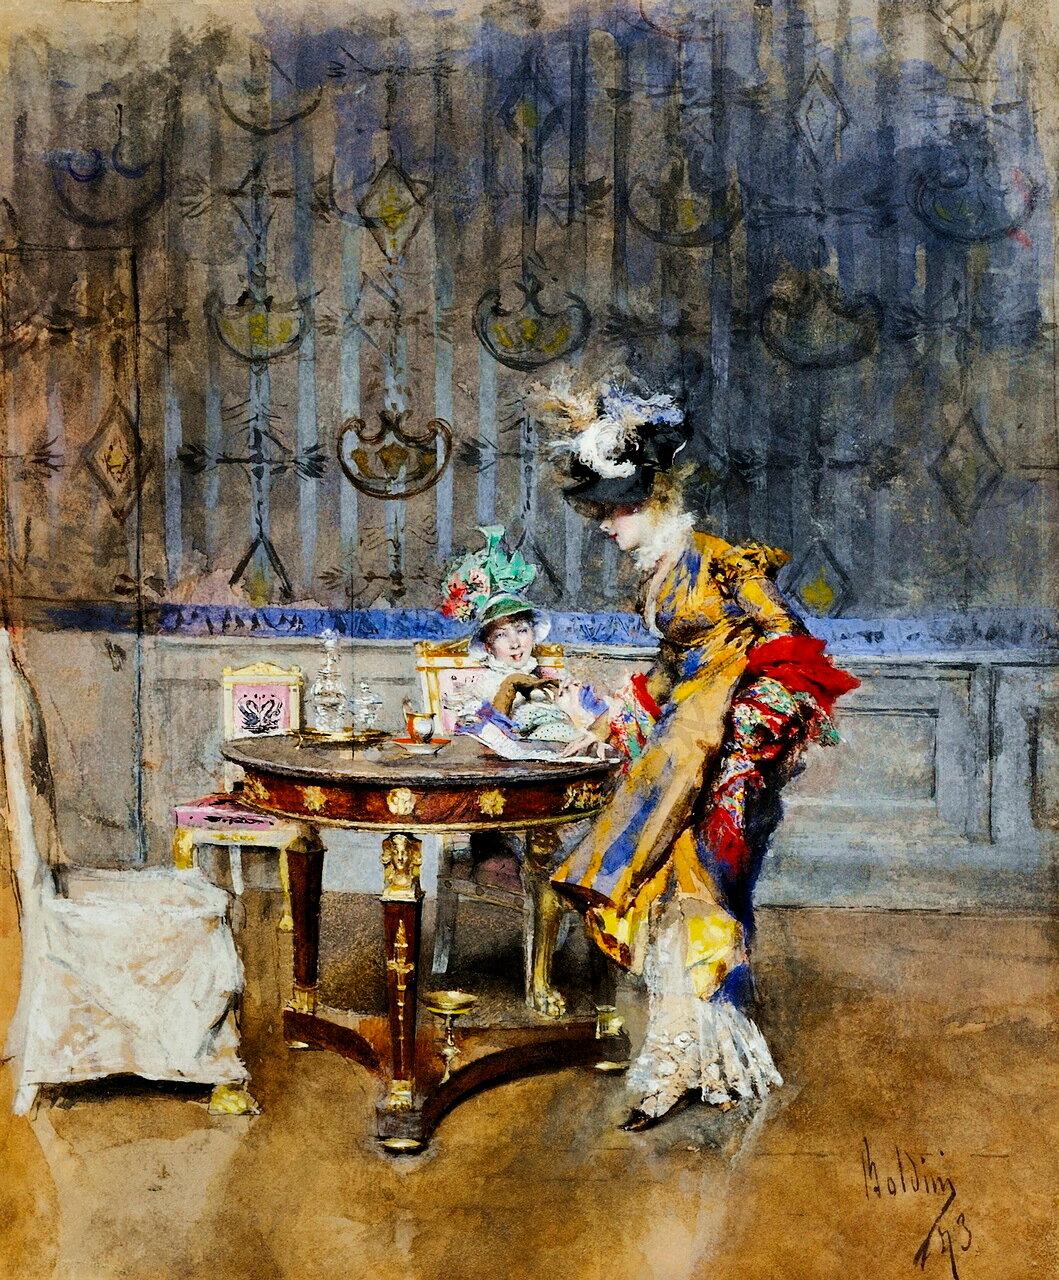 Giovanni Boldini (ITALIAN, 1842-1931) - THE LETTER